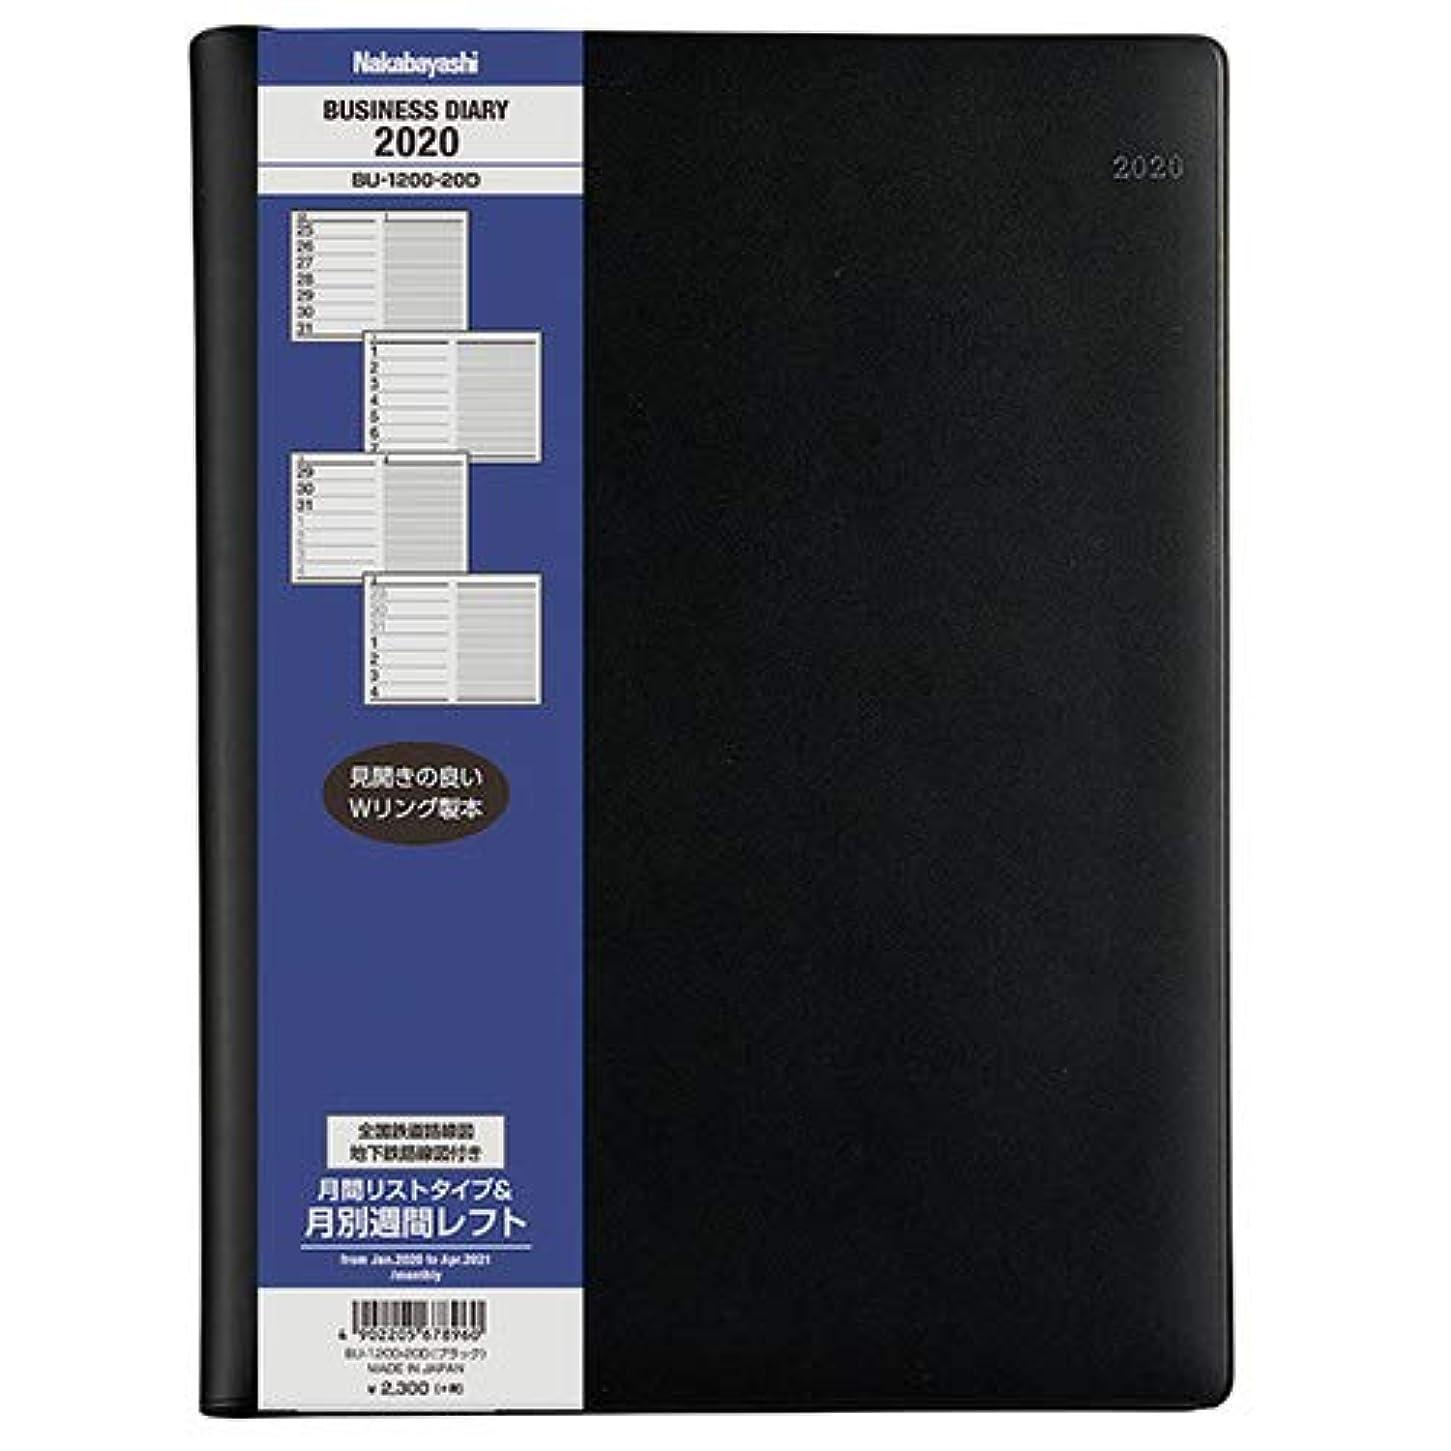 風が強いゴム自己ナカバヤシ 手帳 2020 ビジネスダイアリー B5デスク BU-1200-20D